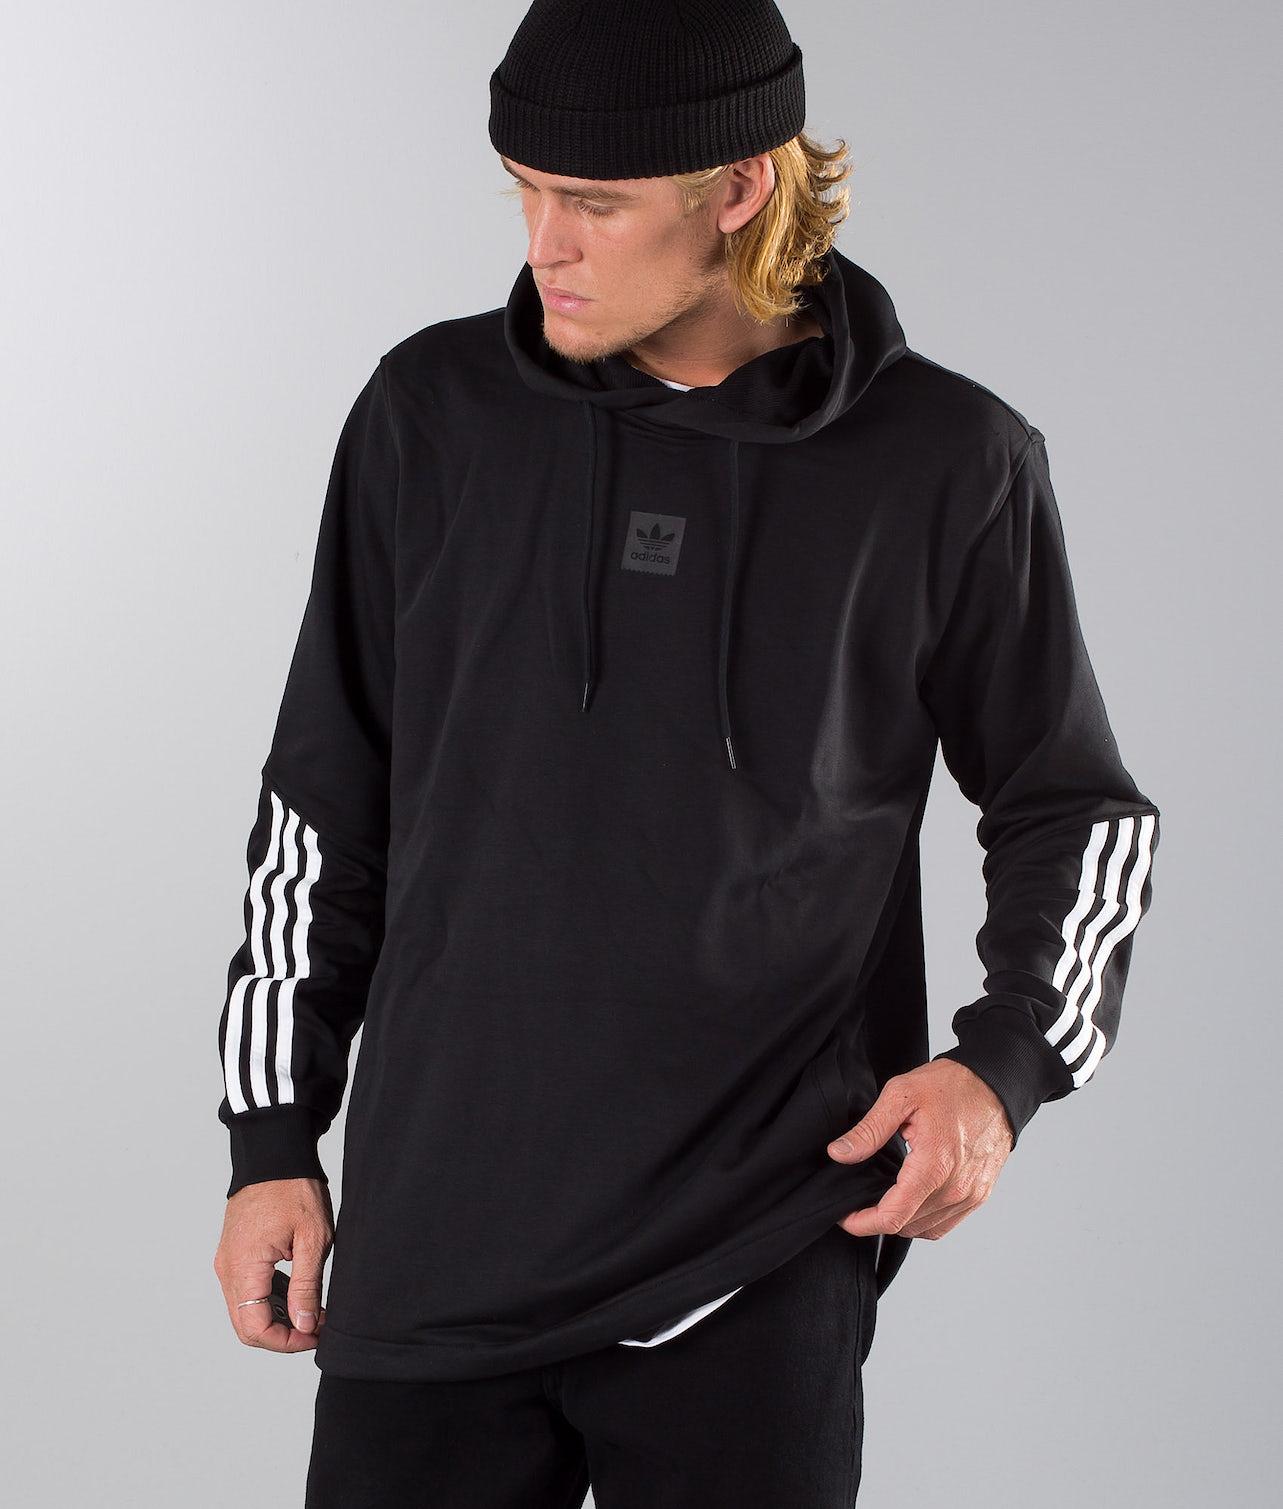 Kjøp Cornered Hood fra Adidas Skateboarding på Ridestore.no - Hos oss har du alltid fri frakt, fri retur og 30 dagers åpent kjøp!